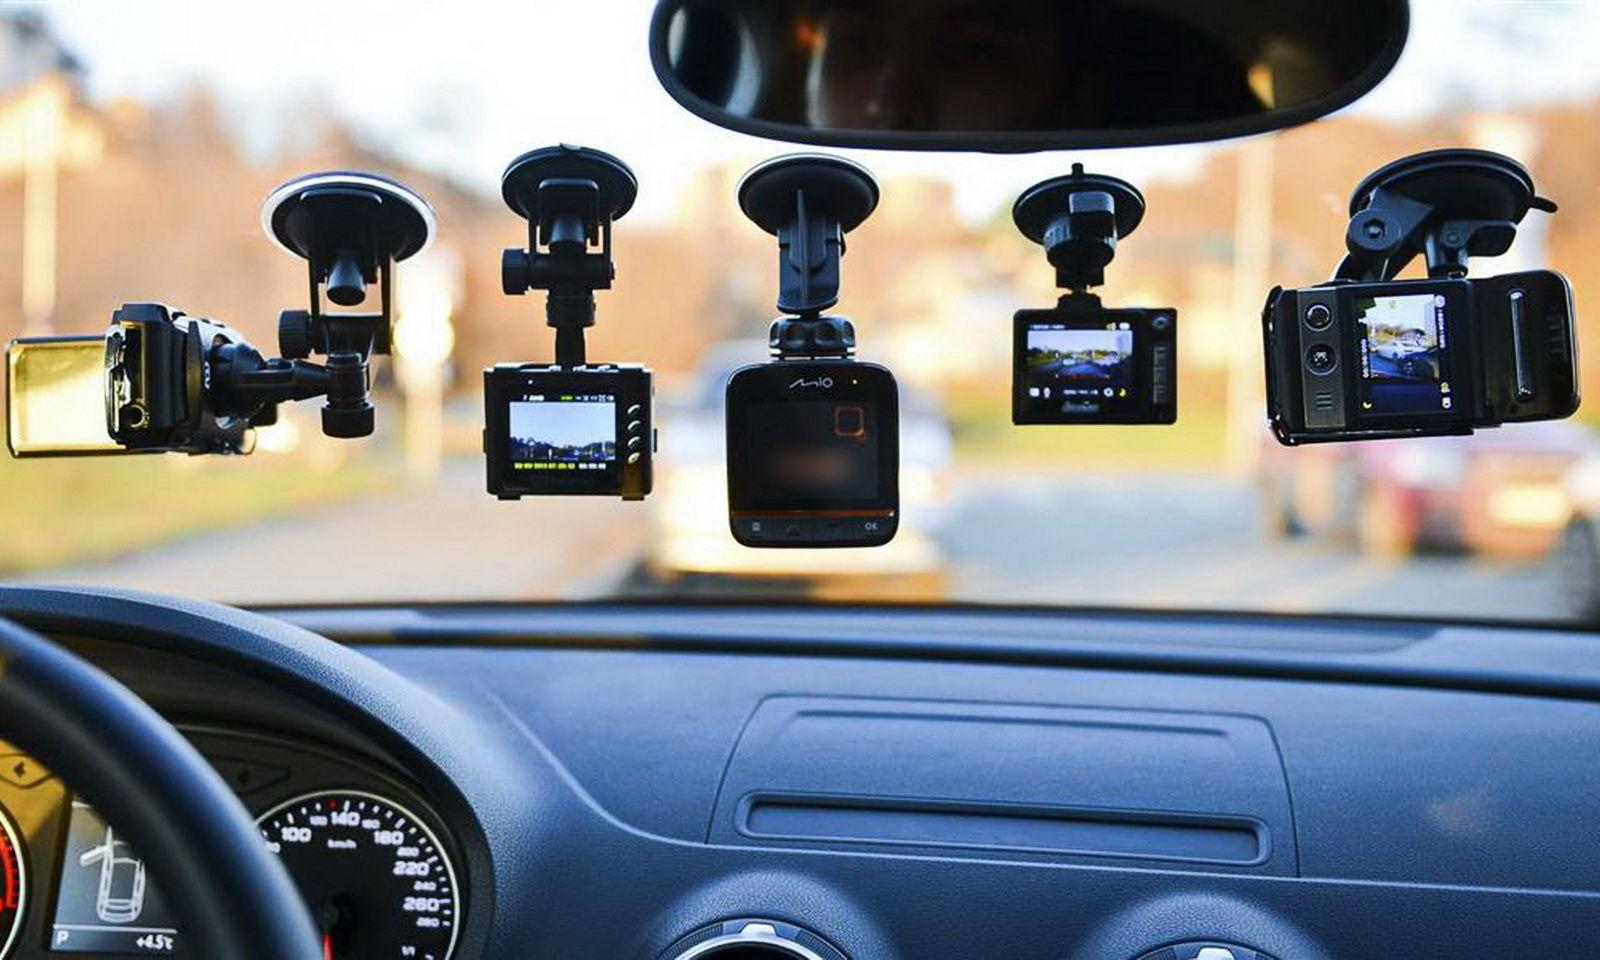 автомобильные видеорегистраторы в машине